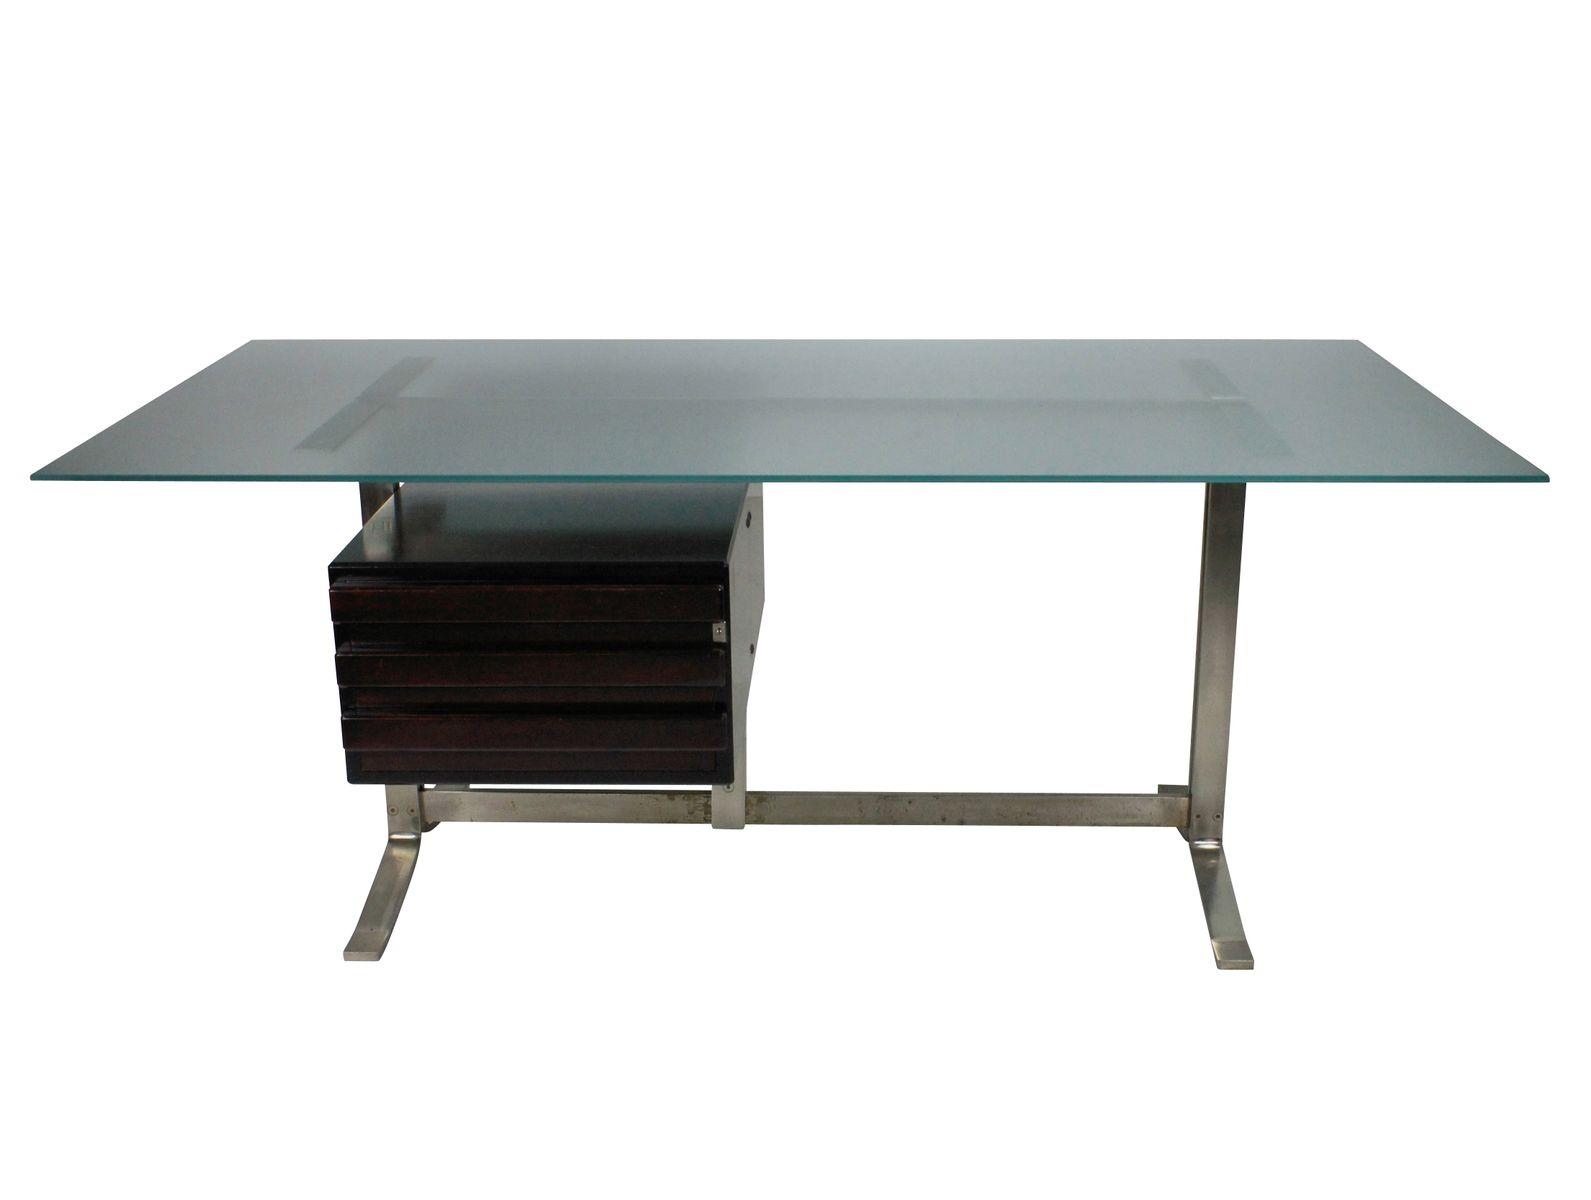 gro er italienischer chef schreibtisch von gianni. Black Bedroom Furniture Sets. Home Design Ideas